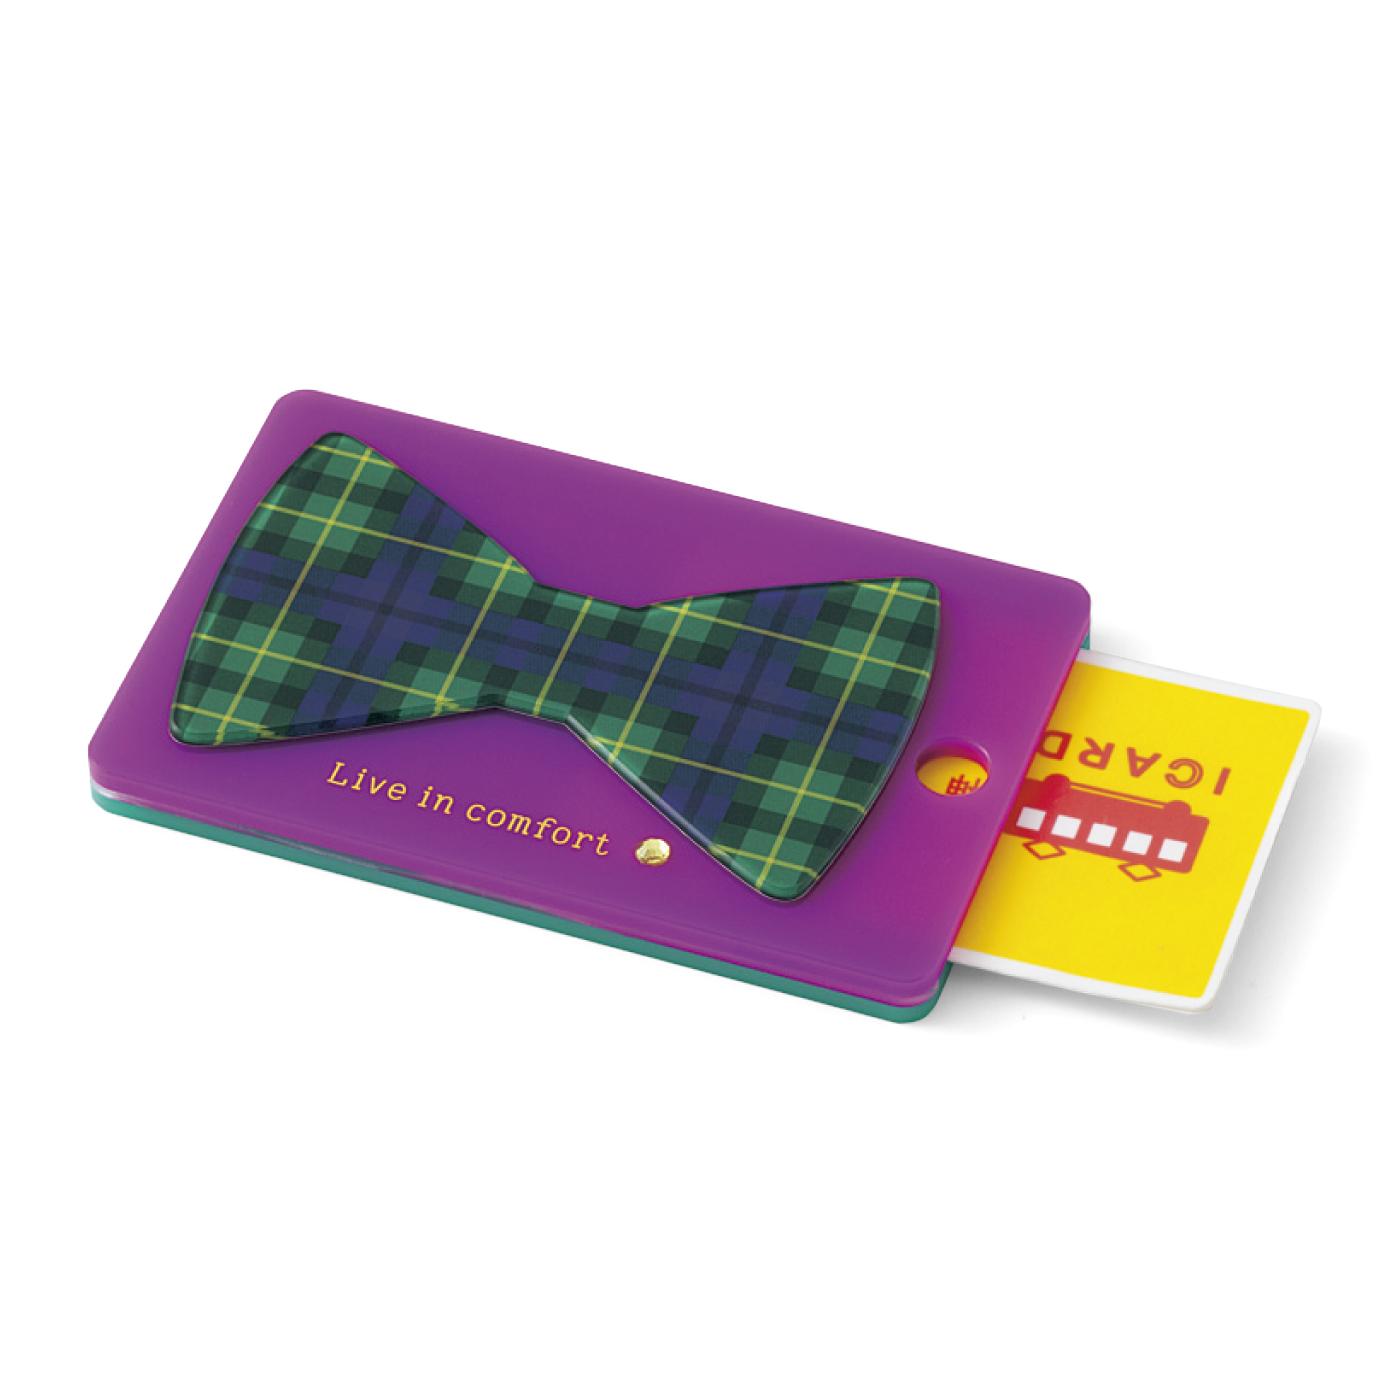 ICカードを入れて、チェーンを付けて使ってね。バッグチャームにしてもかわいい。